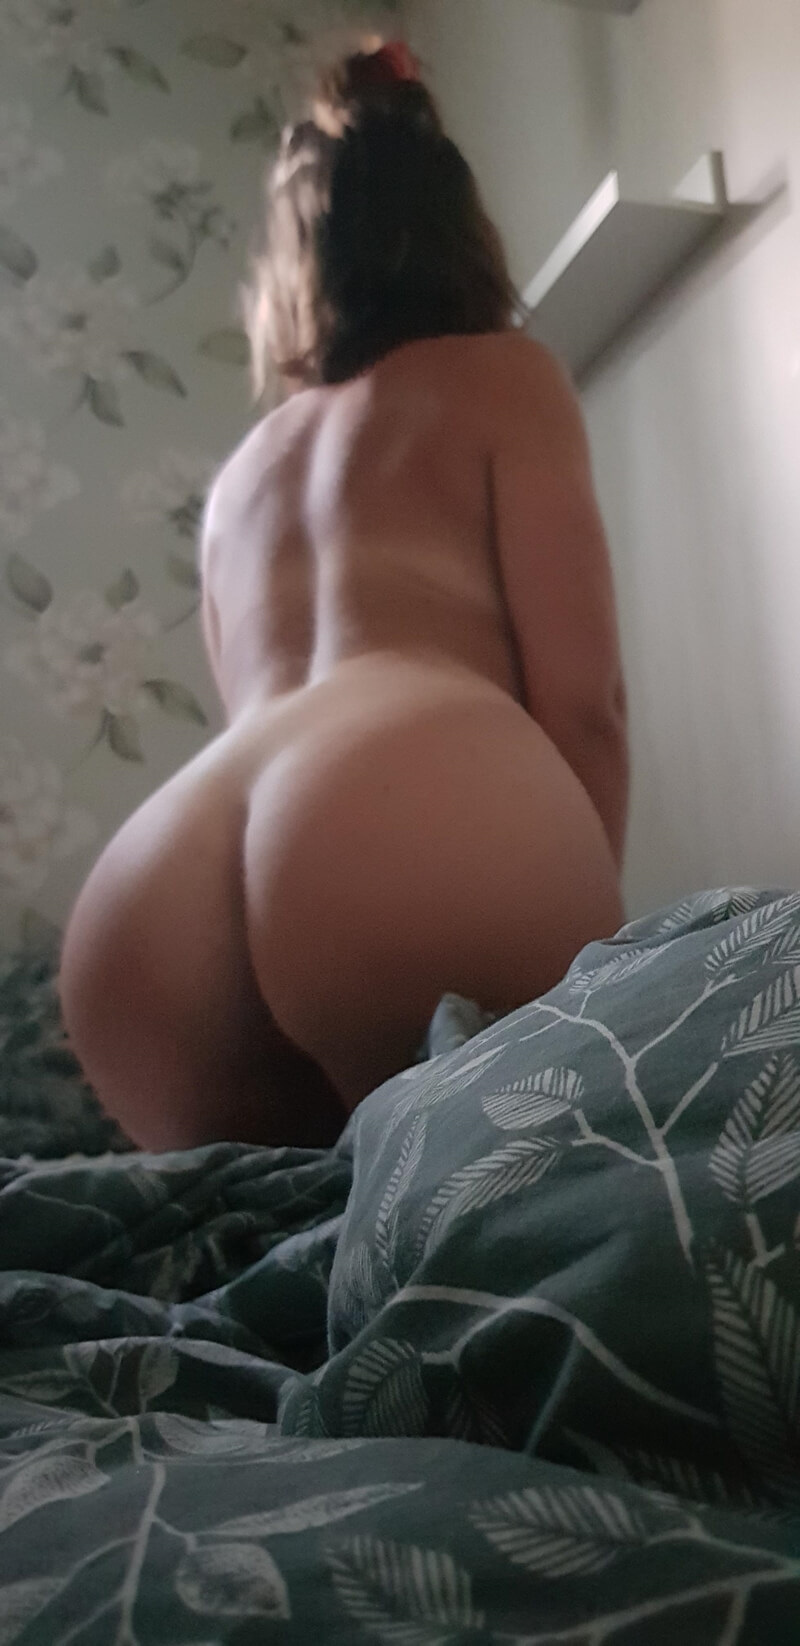 Morena safadinha muito gostosa e tesuda mostrando a buceta